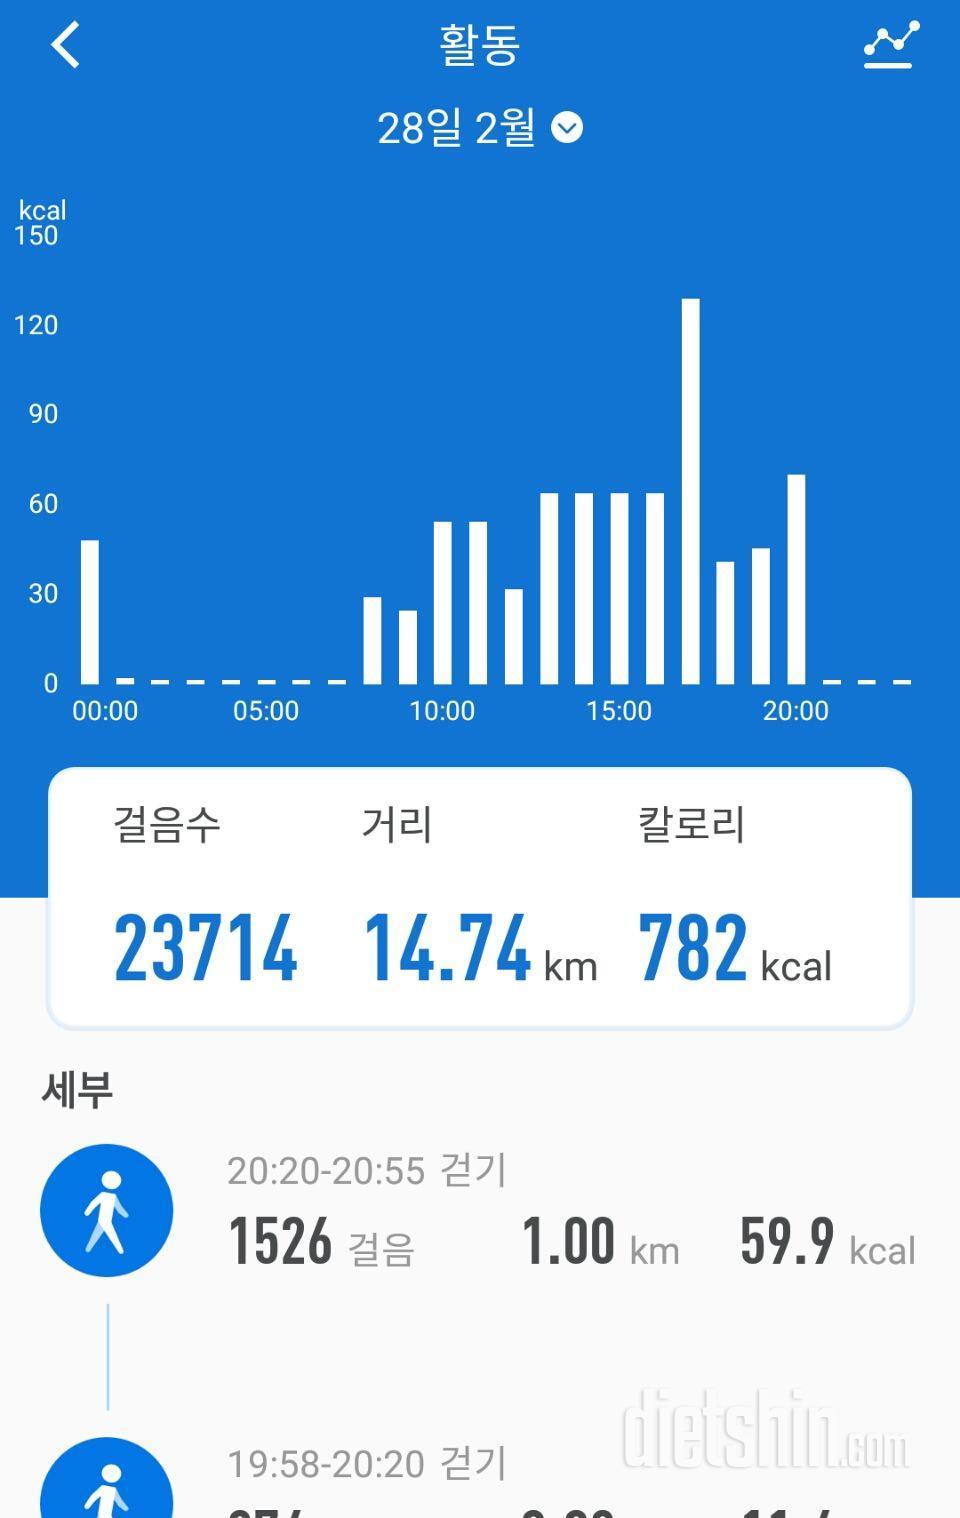 30일 만보 걷기 135일차 성공!